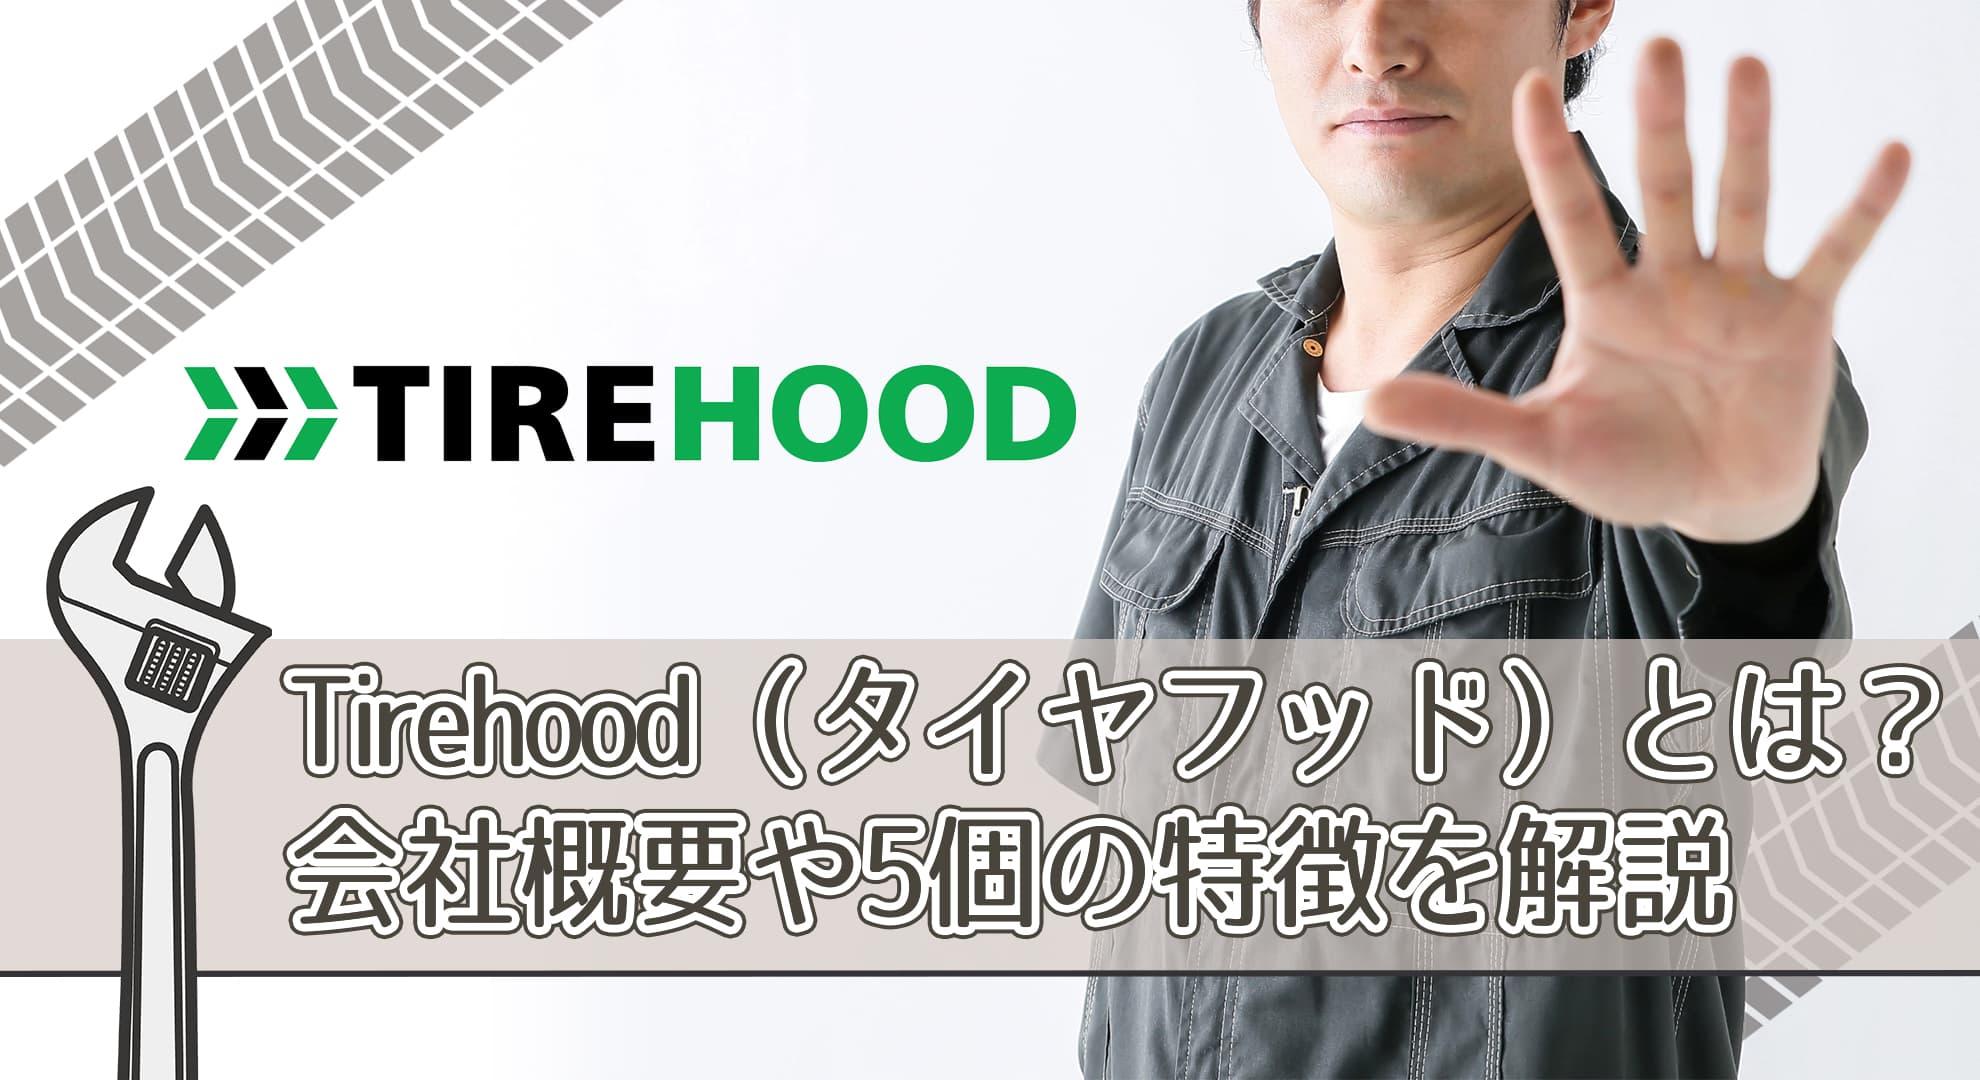 Tirehood(タイヤフッド)とは?会社概要や5個の特徴を解説